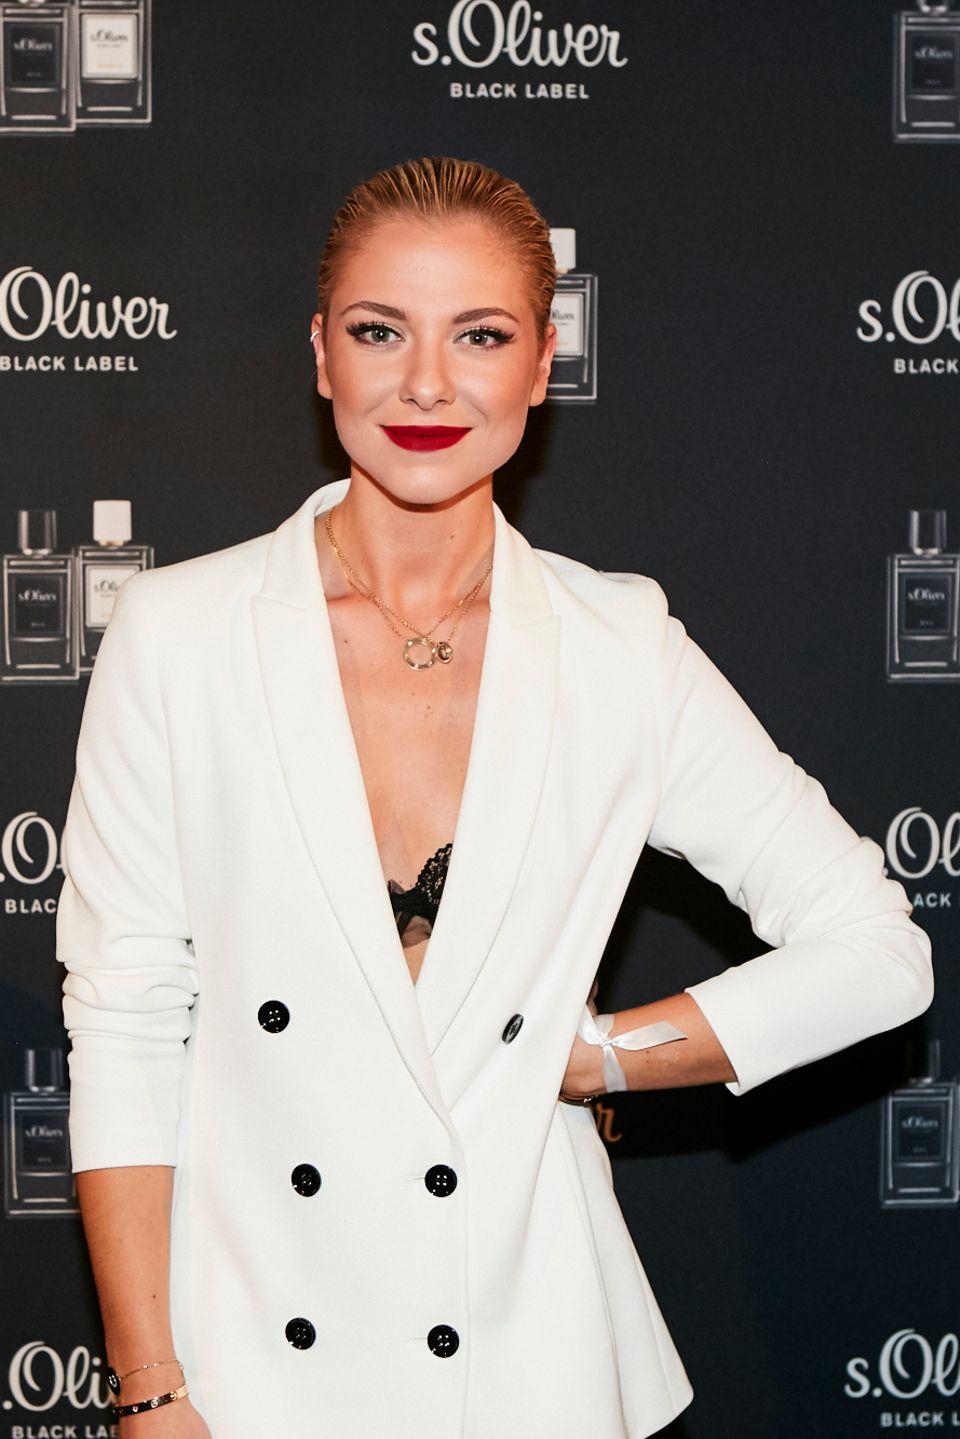 Valentina Pahde ist aus der beliebten Daily Soap nicht mehr wegzudenken. Während ihre Rolle Sunny meist schick und zugknöpft gekleidet ist, zeigt sich die Schauspielerin an diesem Abend sehr sexy in Lederleggins und weißem Longblazer.